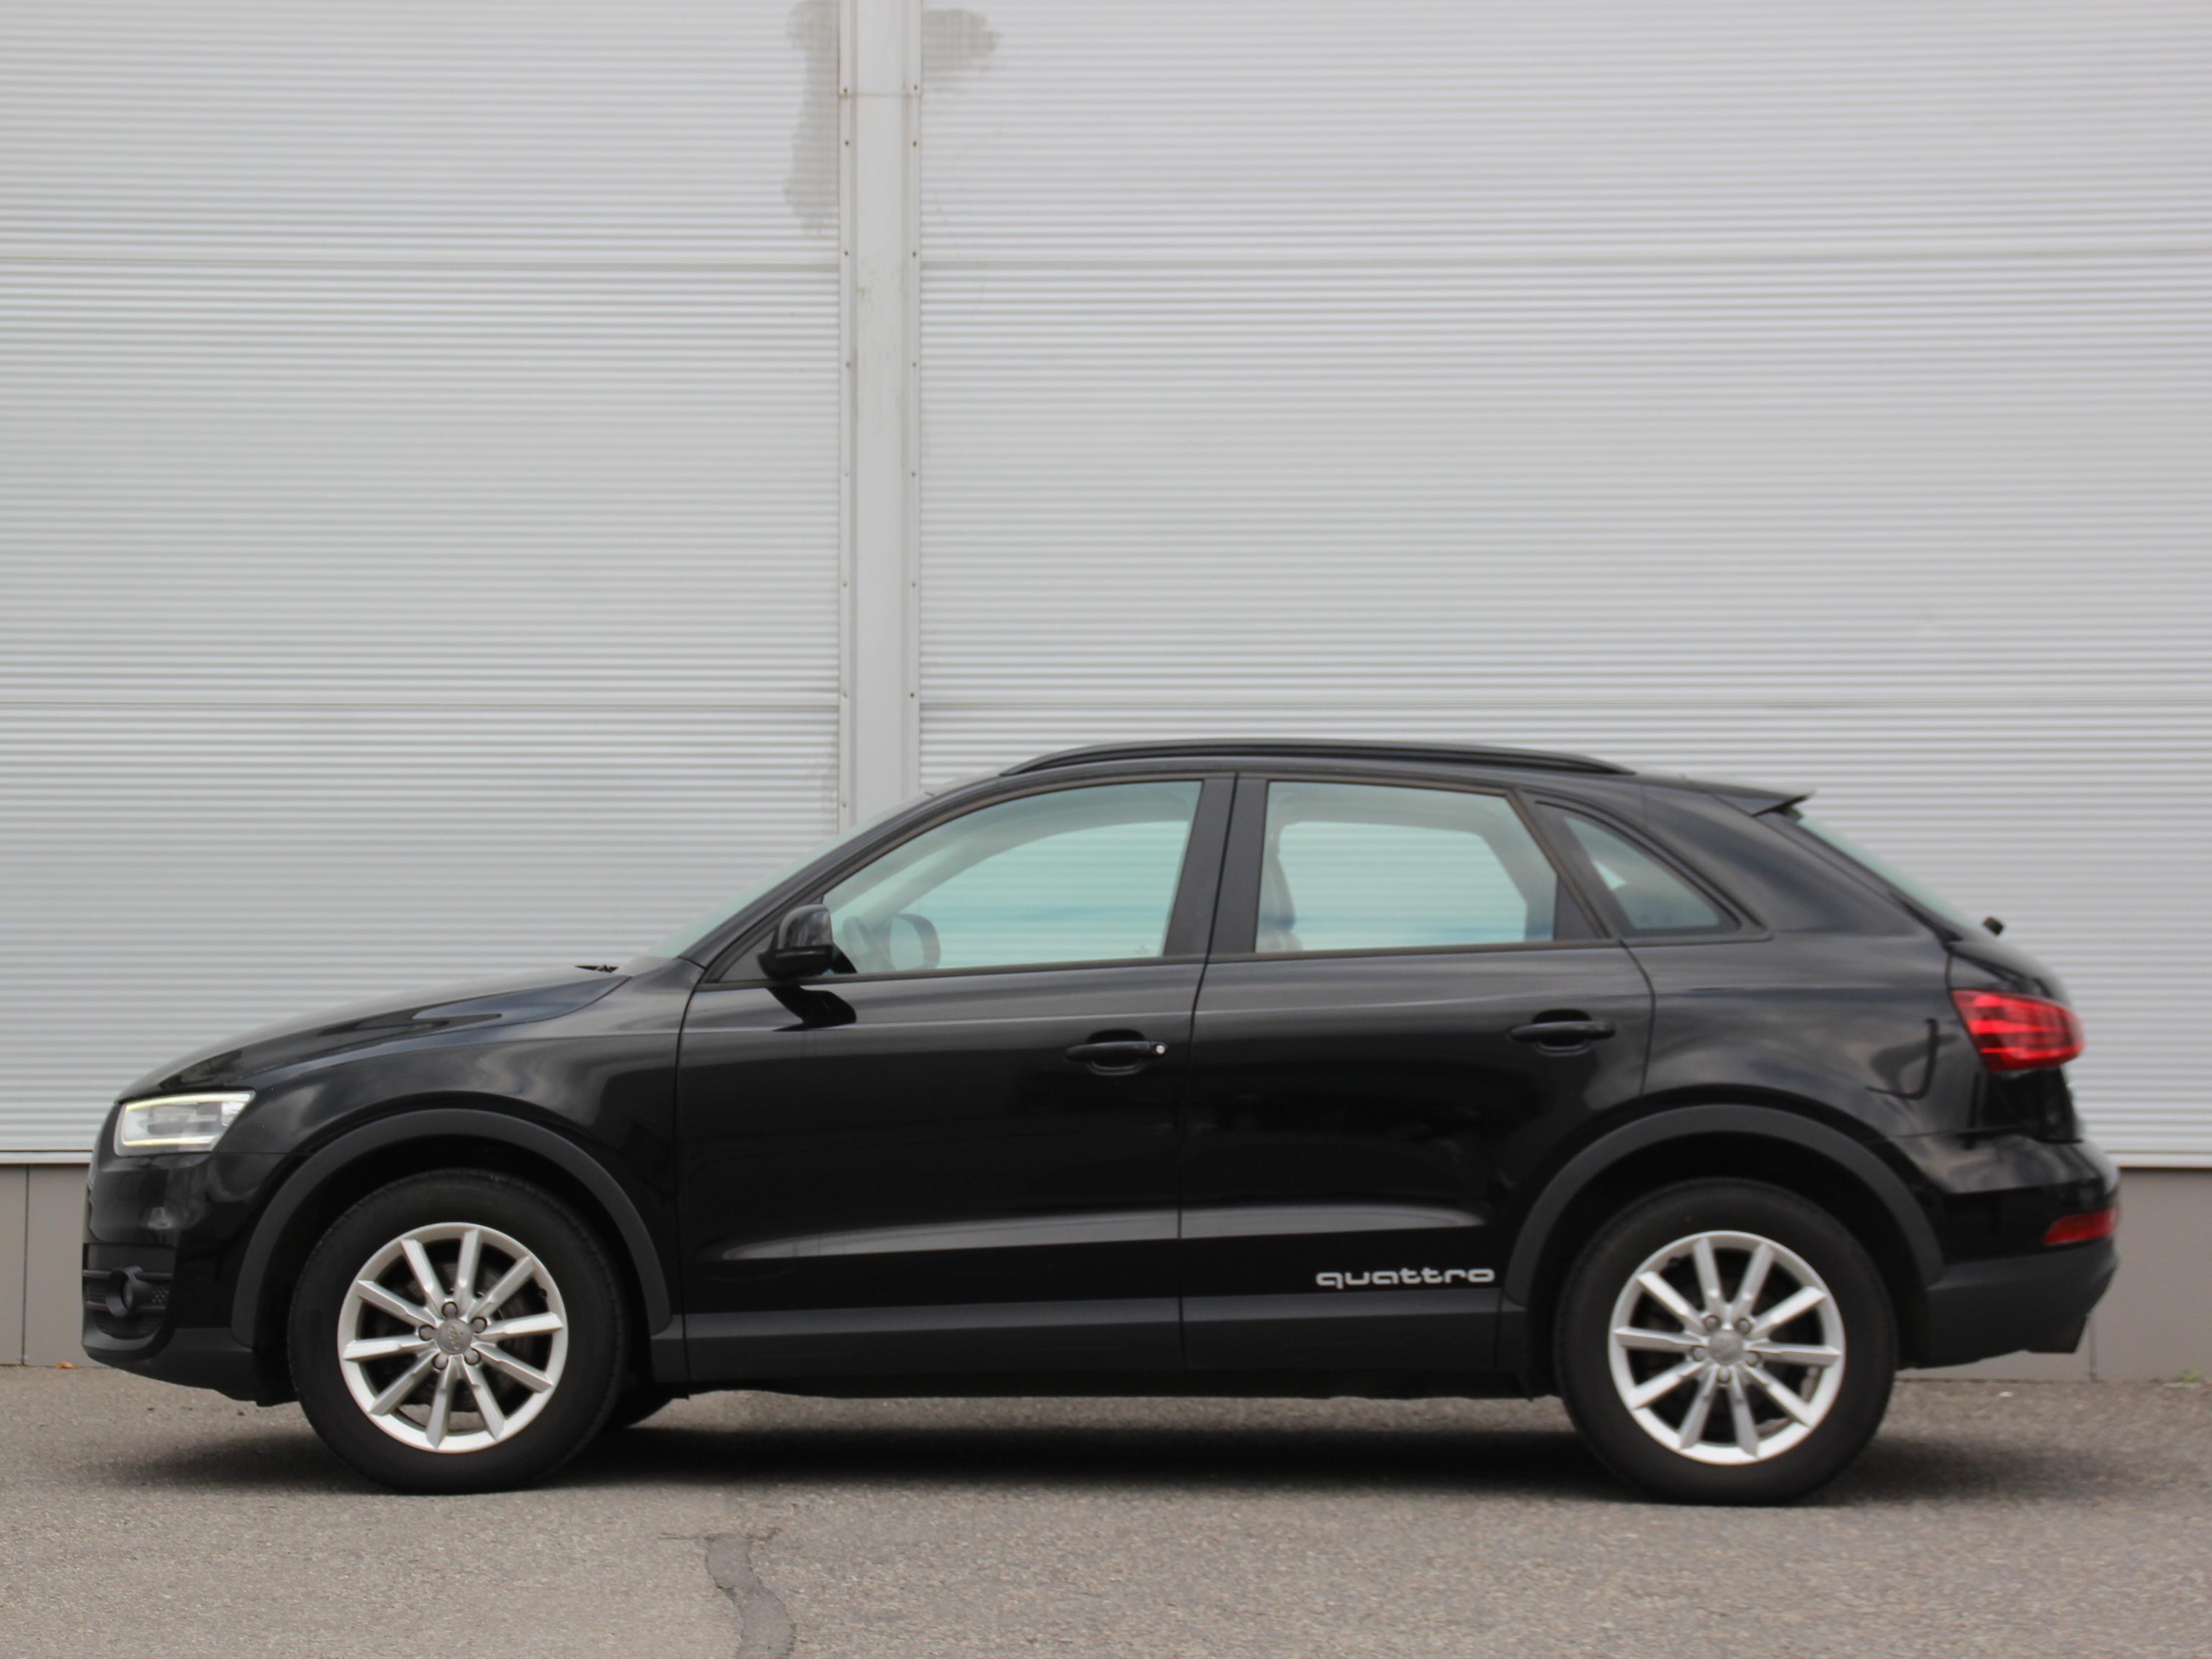 Audi Q3 Внедорожник (2013г.)